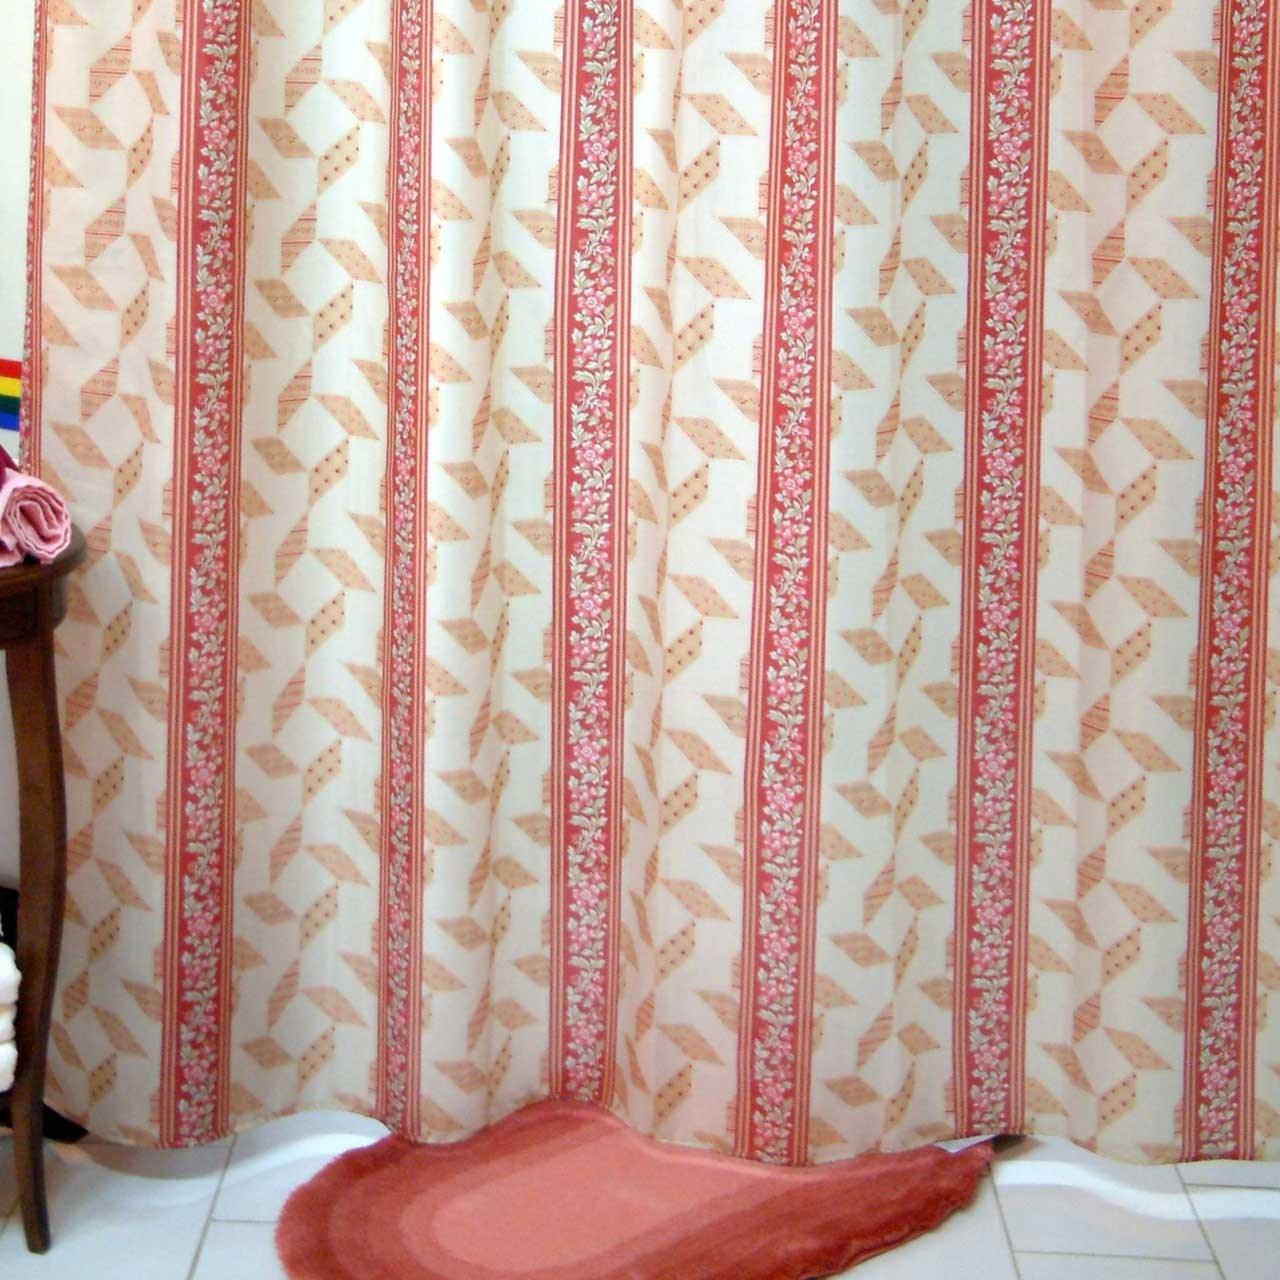 پرده حمام فرش مریم مدل Sina - سایز 180 × 180 سانتی متر